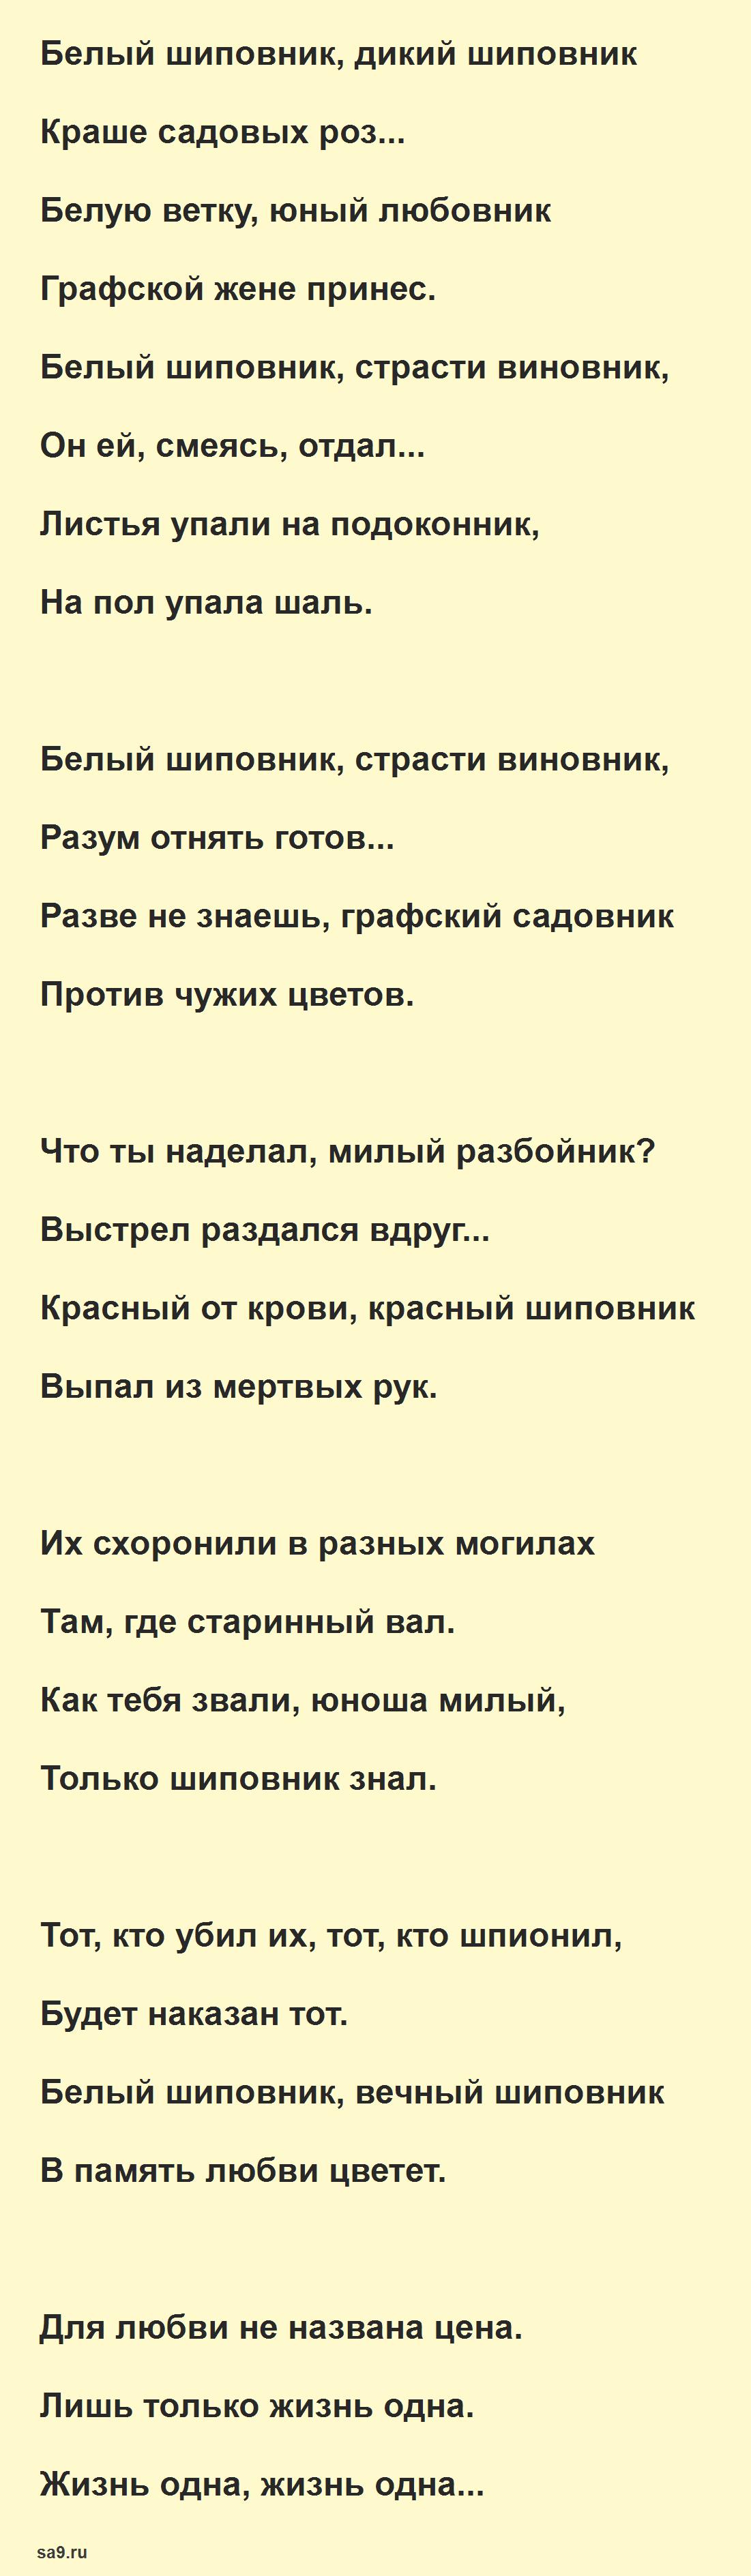 Песни на стихи Вознесенского - Белый шиповник